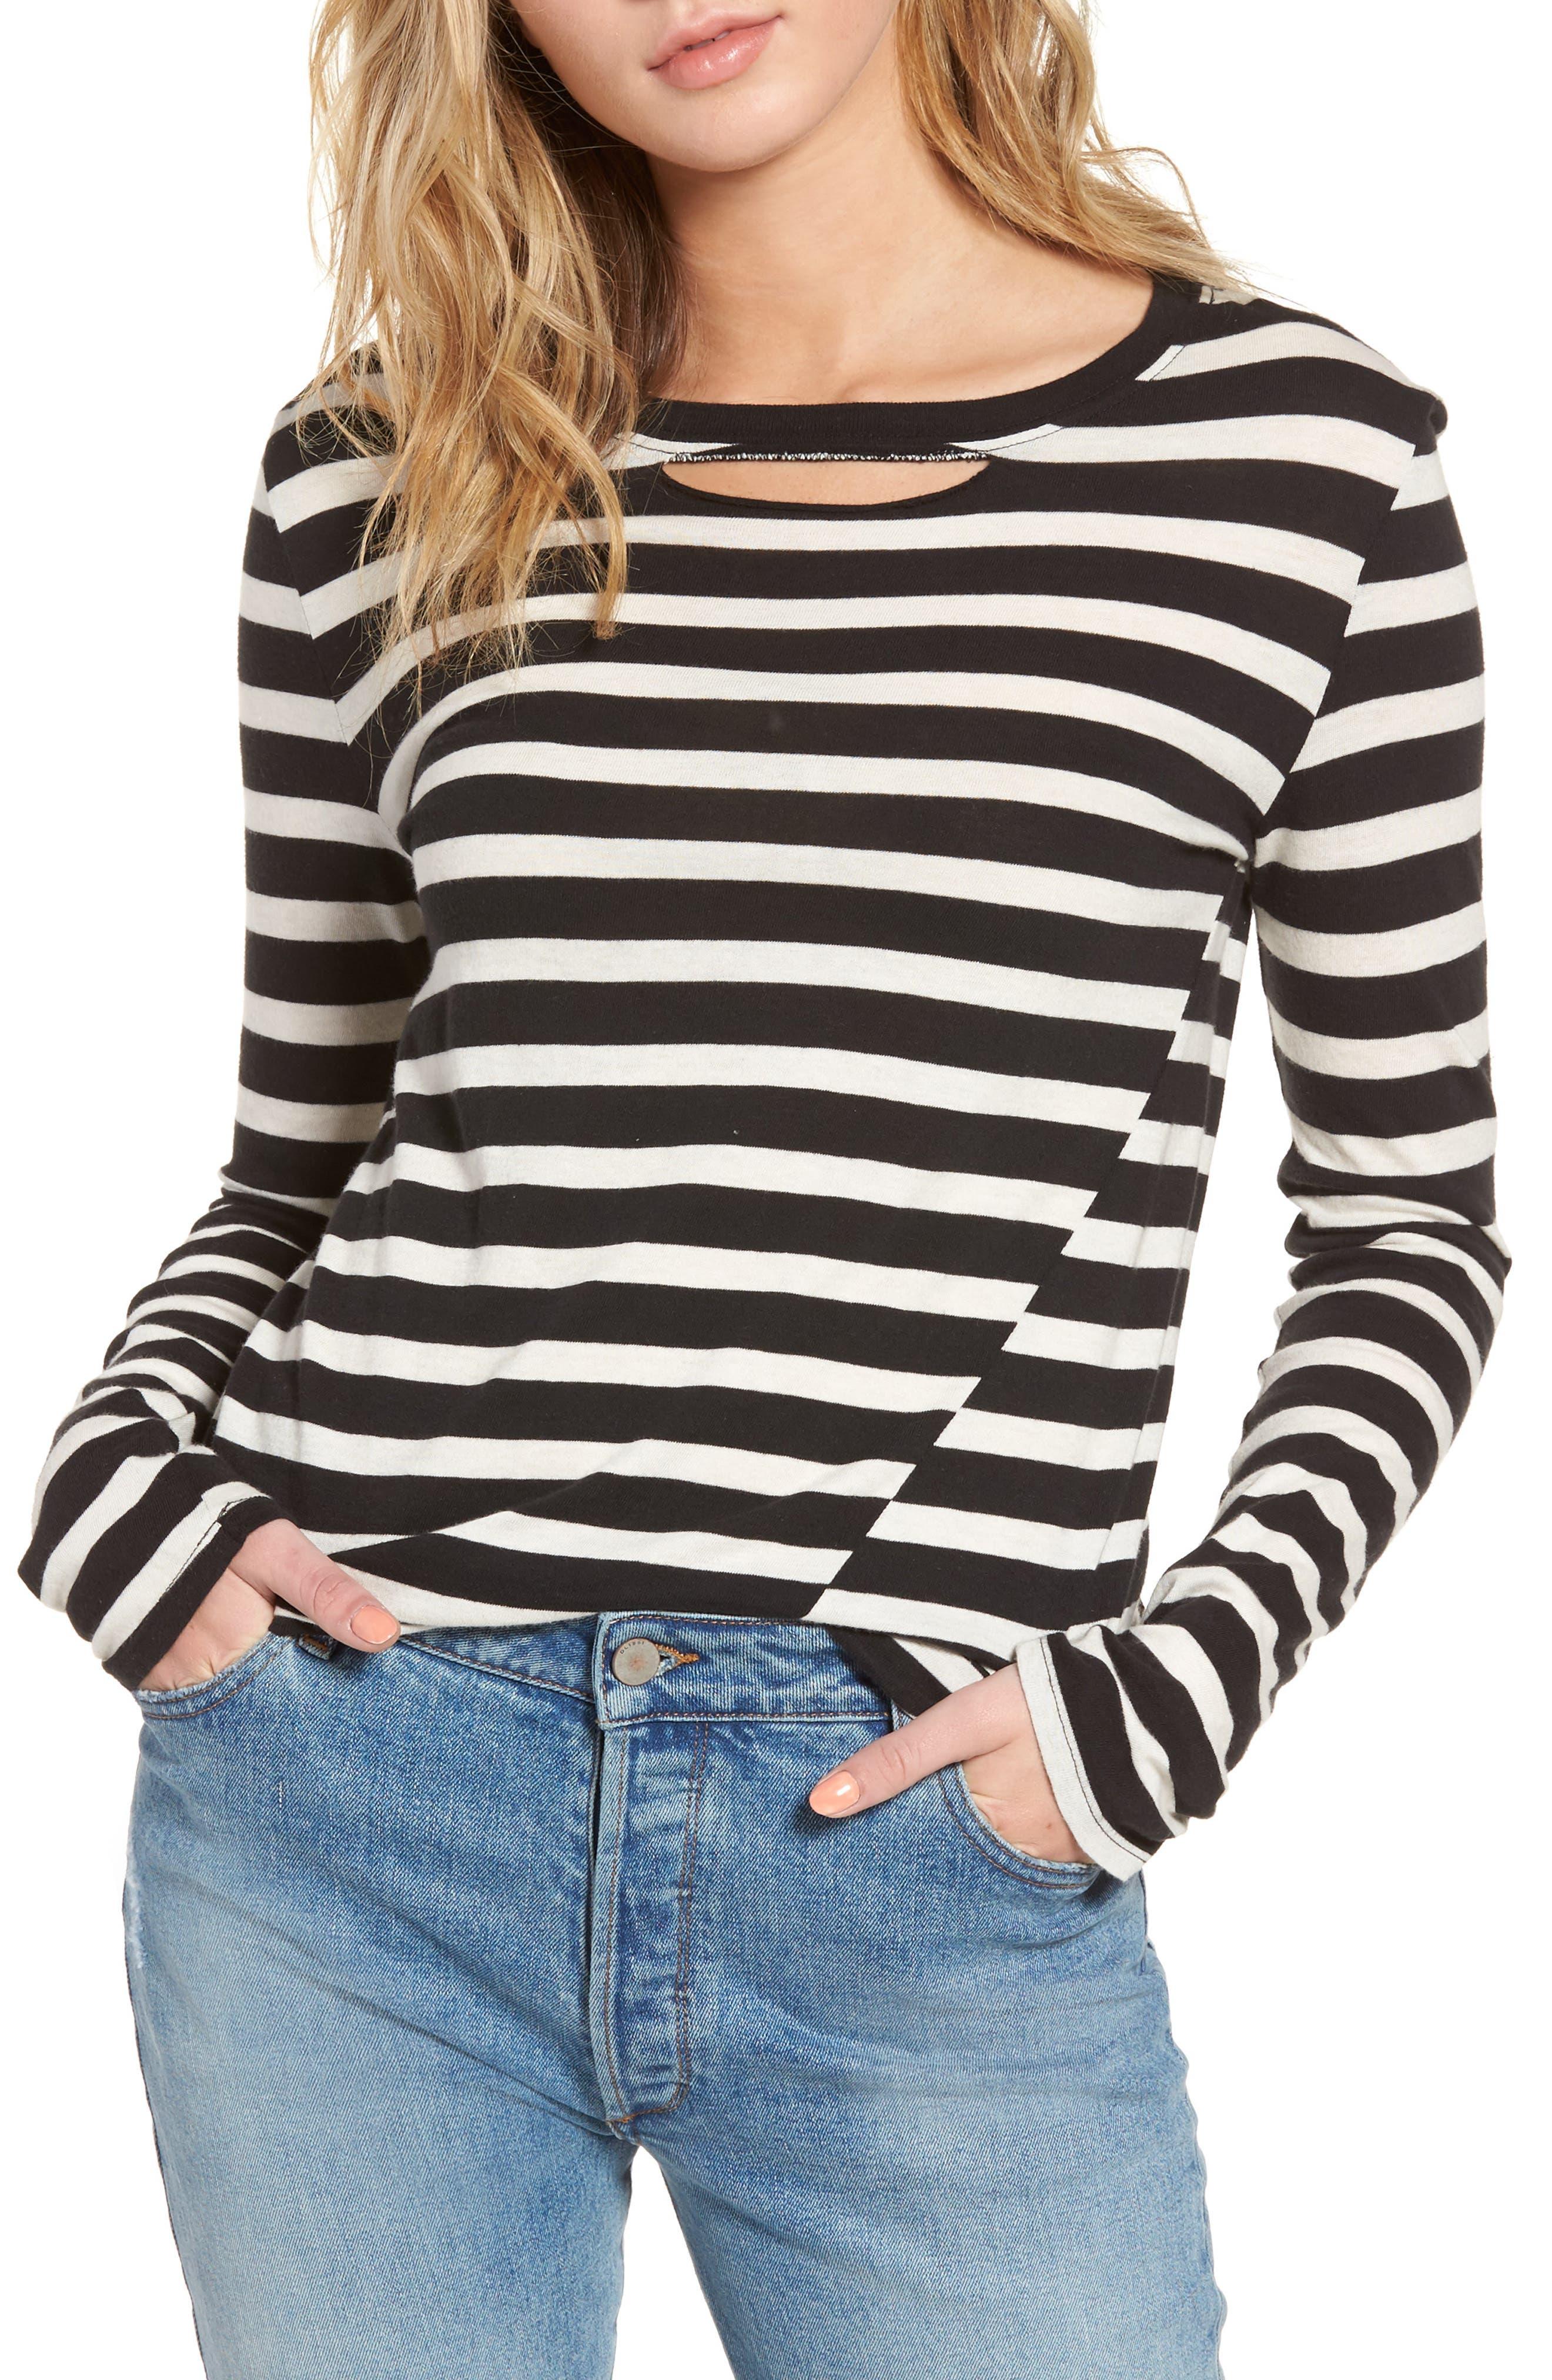 Alternate Image 1 Selected - Pam & Gela Stripe Long Sleeve Top